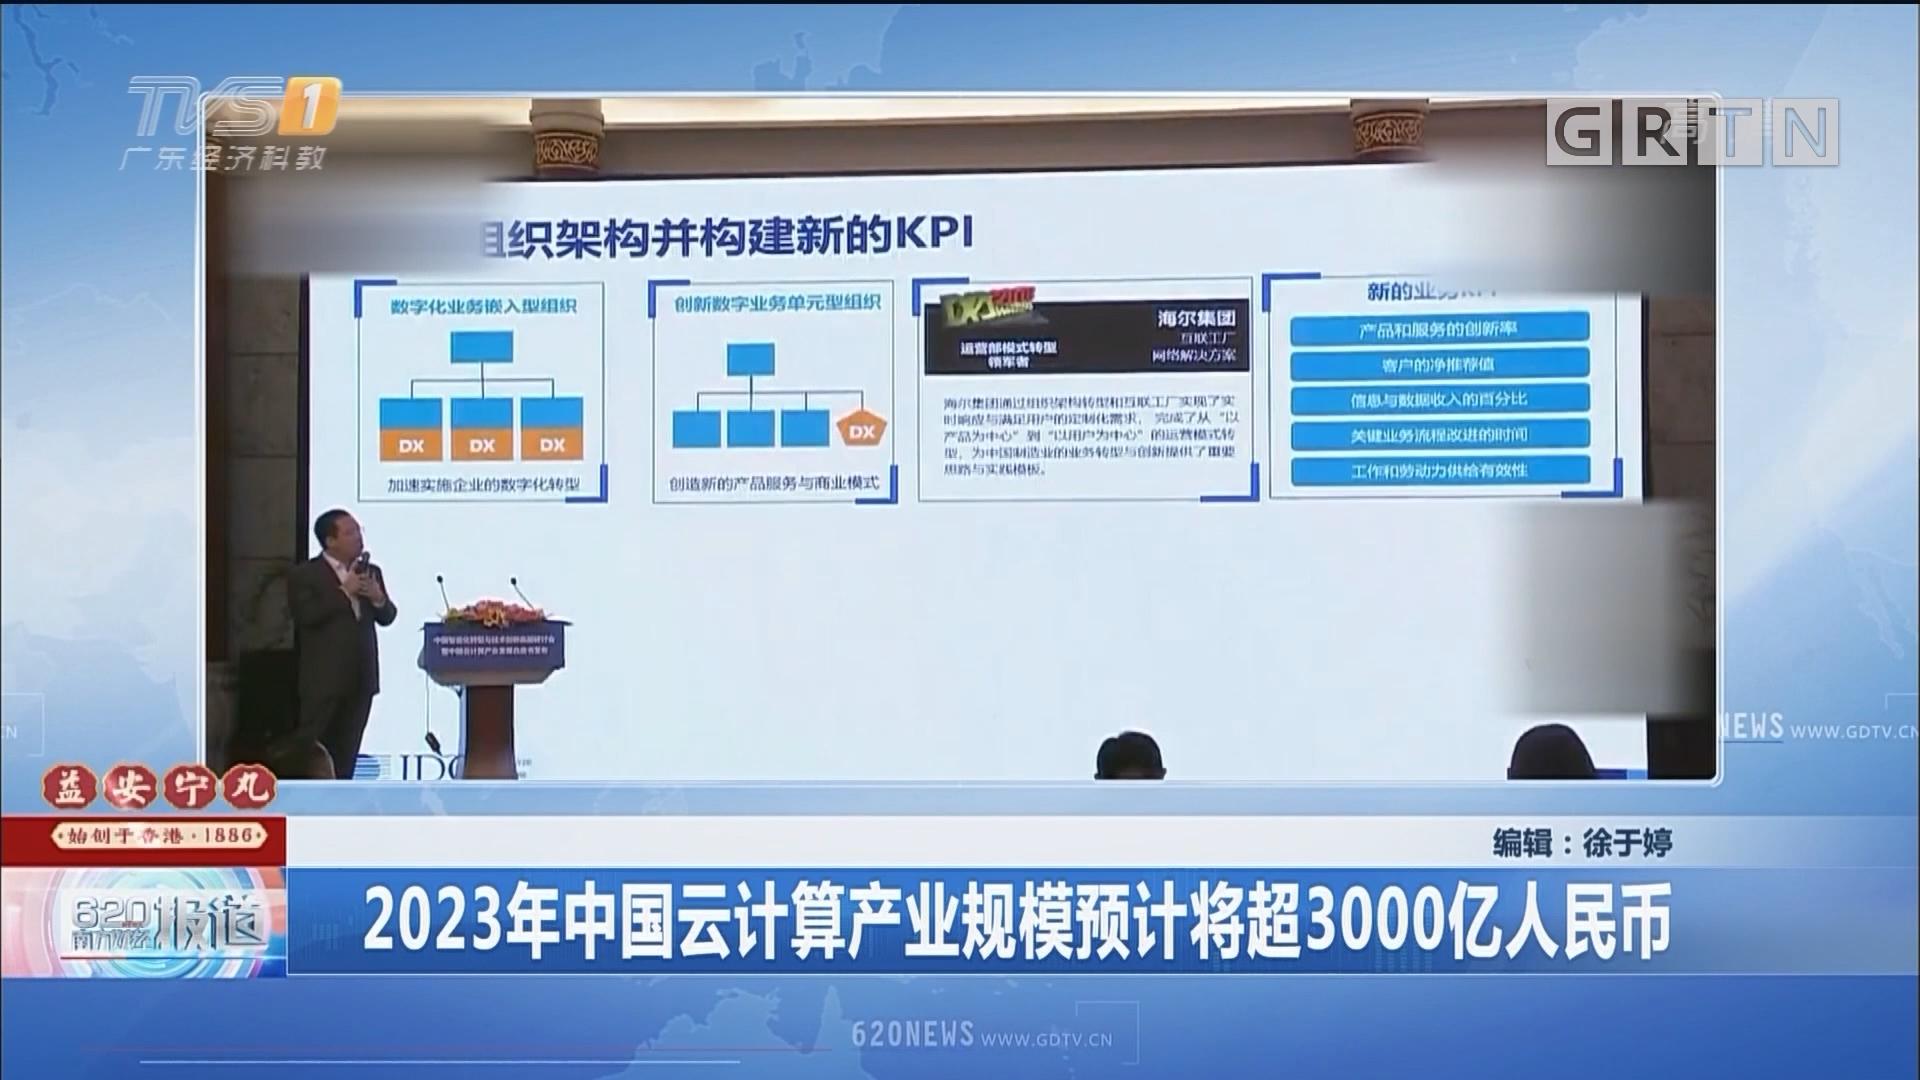 2023年中国云计算产业规模预计将超3000亿人民币